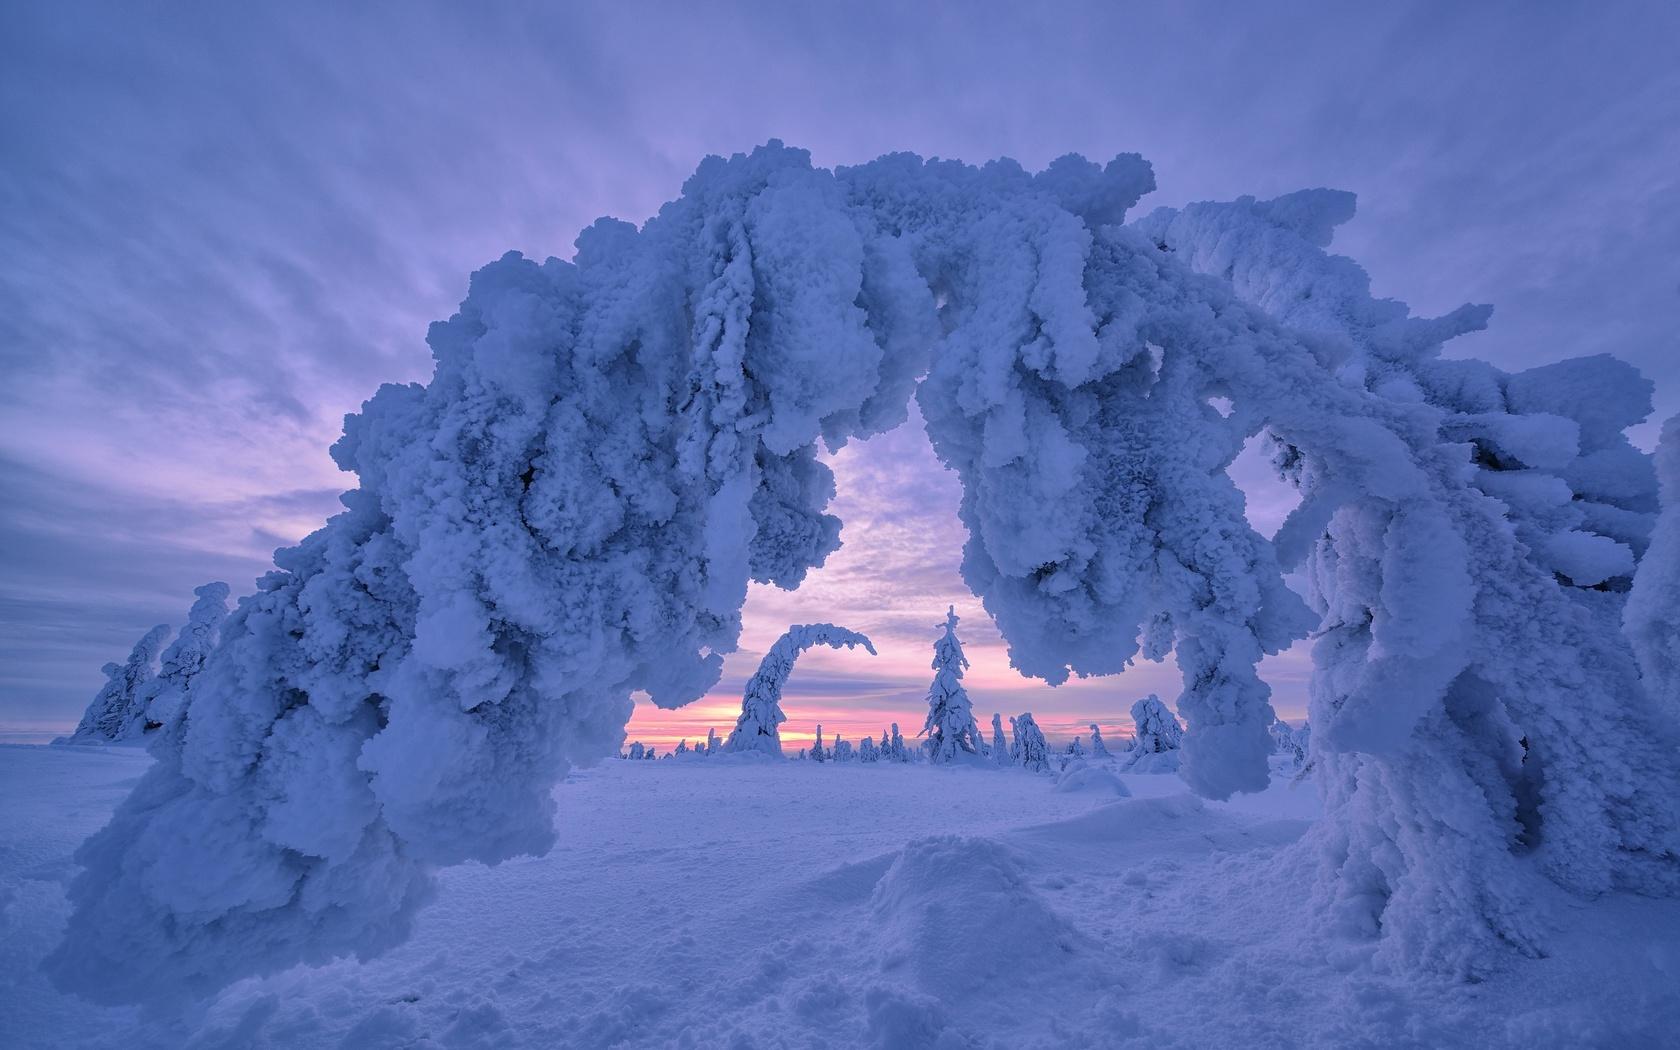 снег, зима, природа